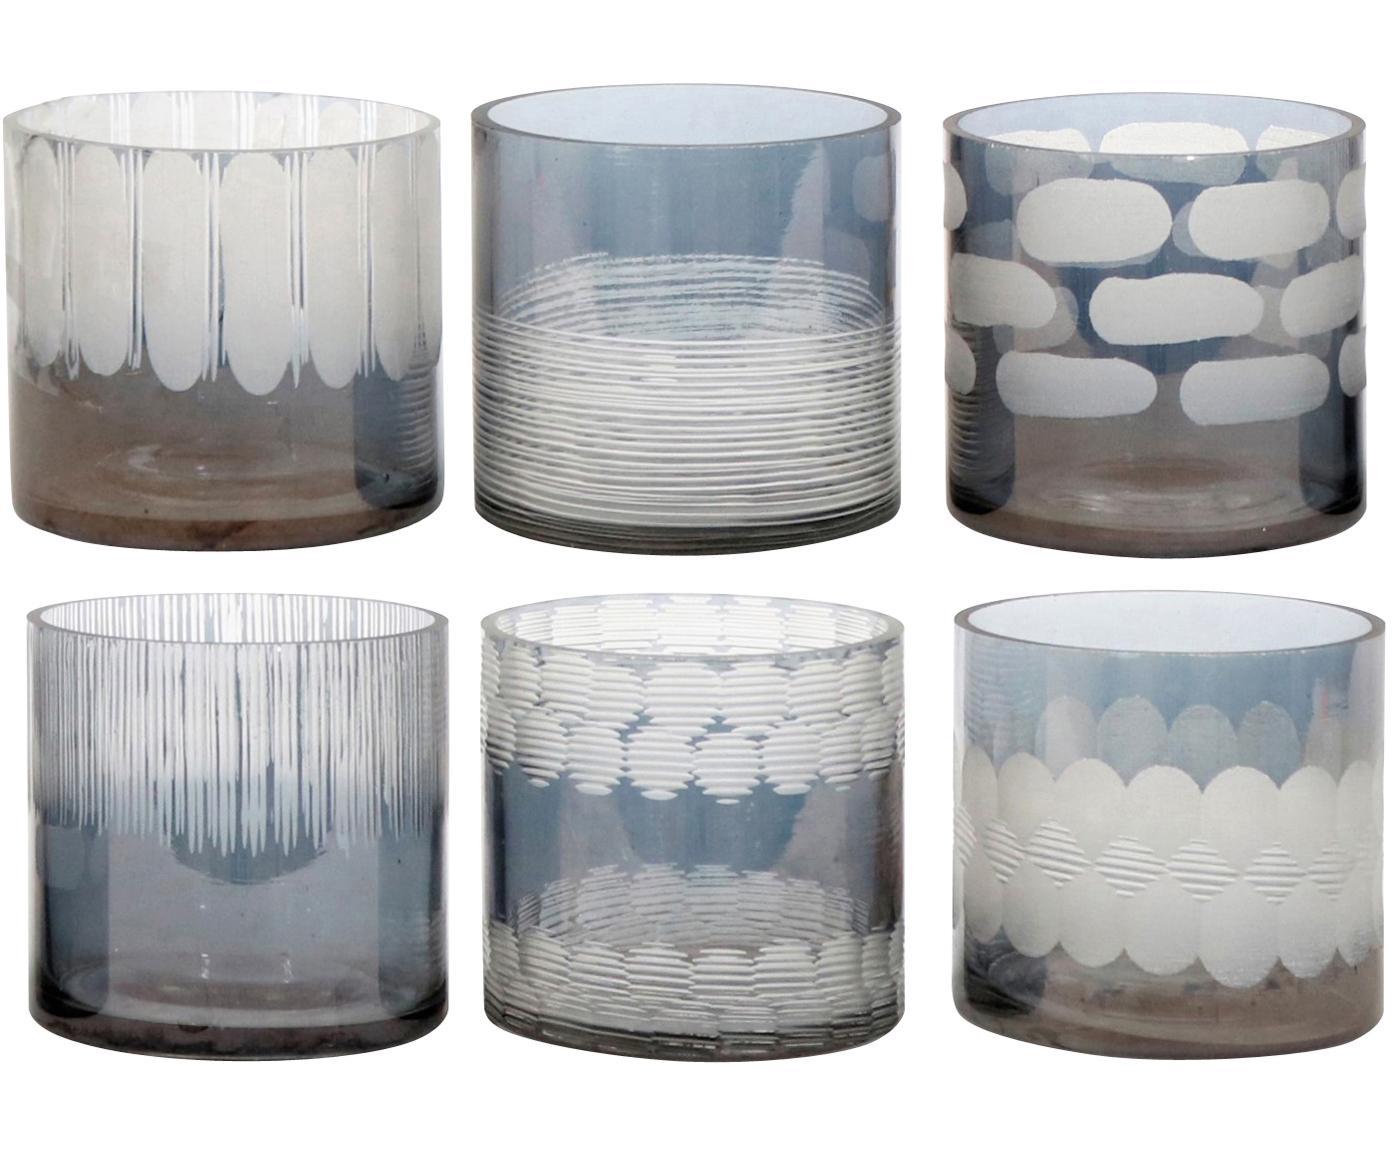 Windlichtenset Cosmopol, 6-delig, Glas, Blauw, grijs, Ø 8 x H 8 cm